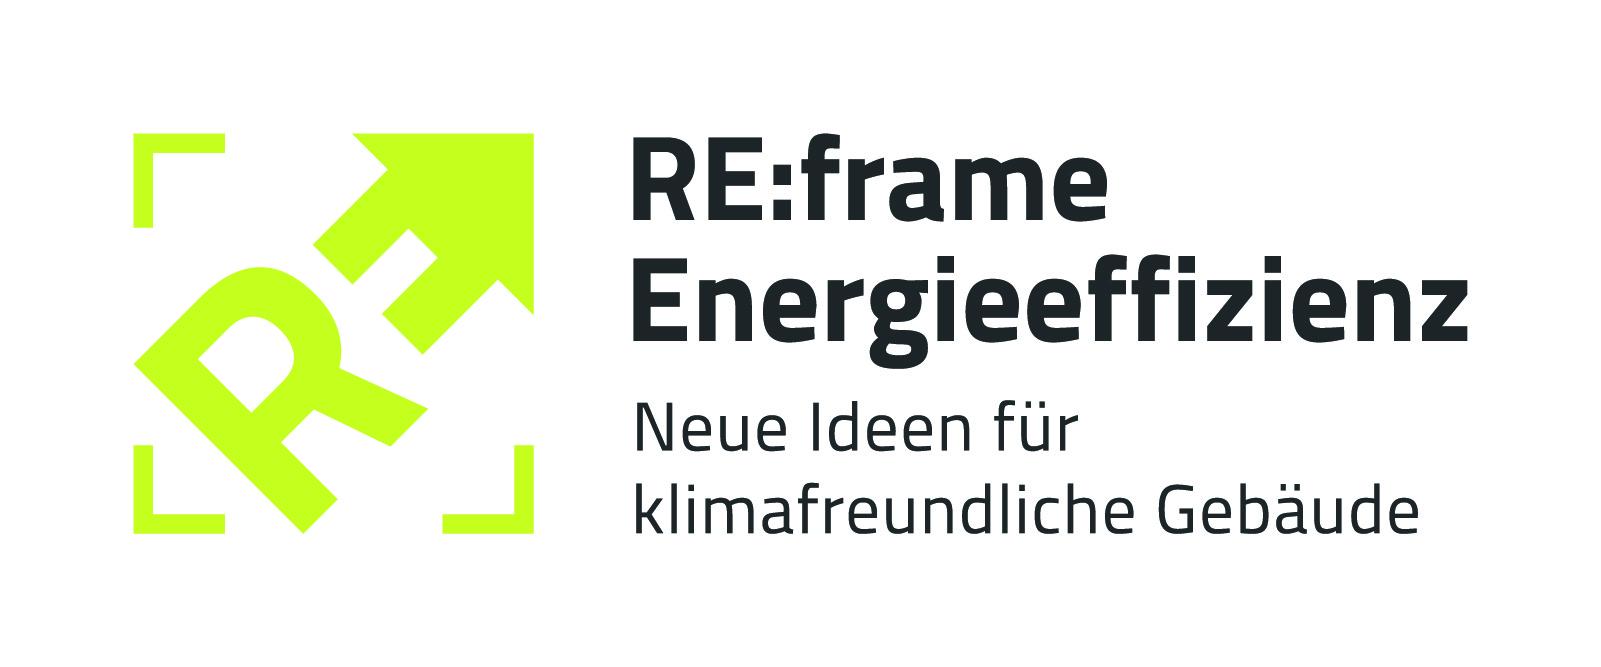 BMI - Presse - Energieeffiziente Gebäude: Bund startet ...